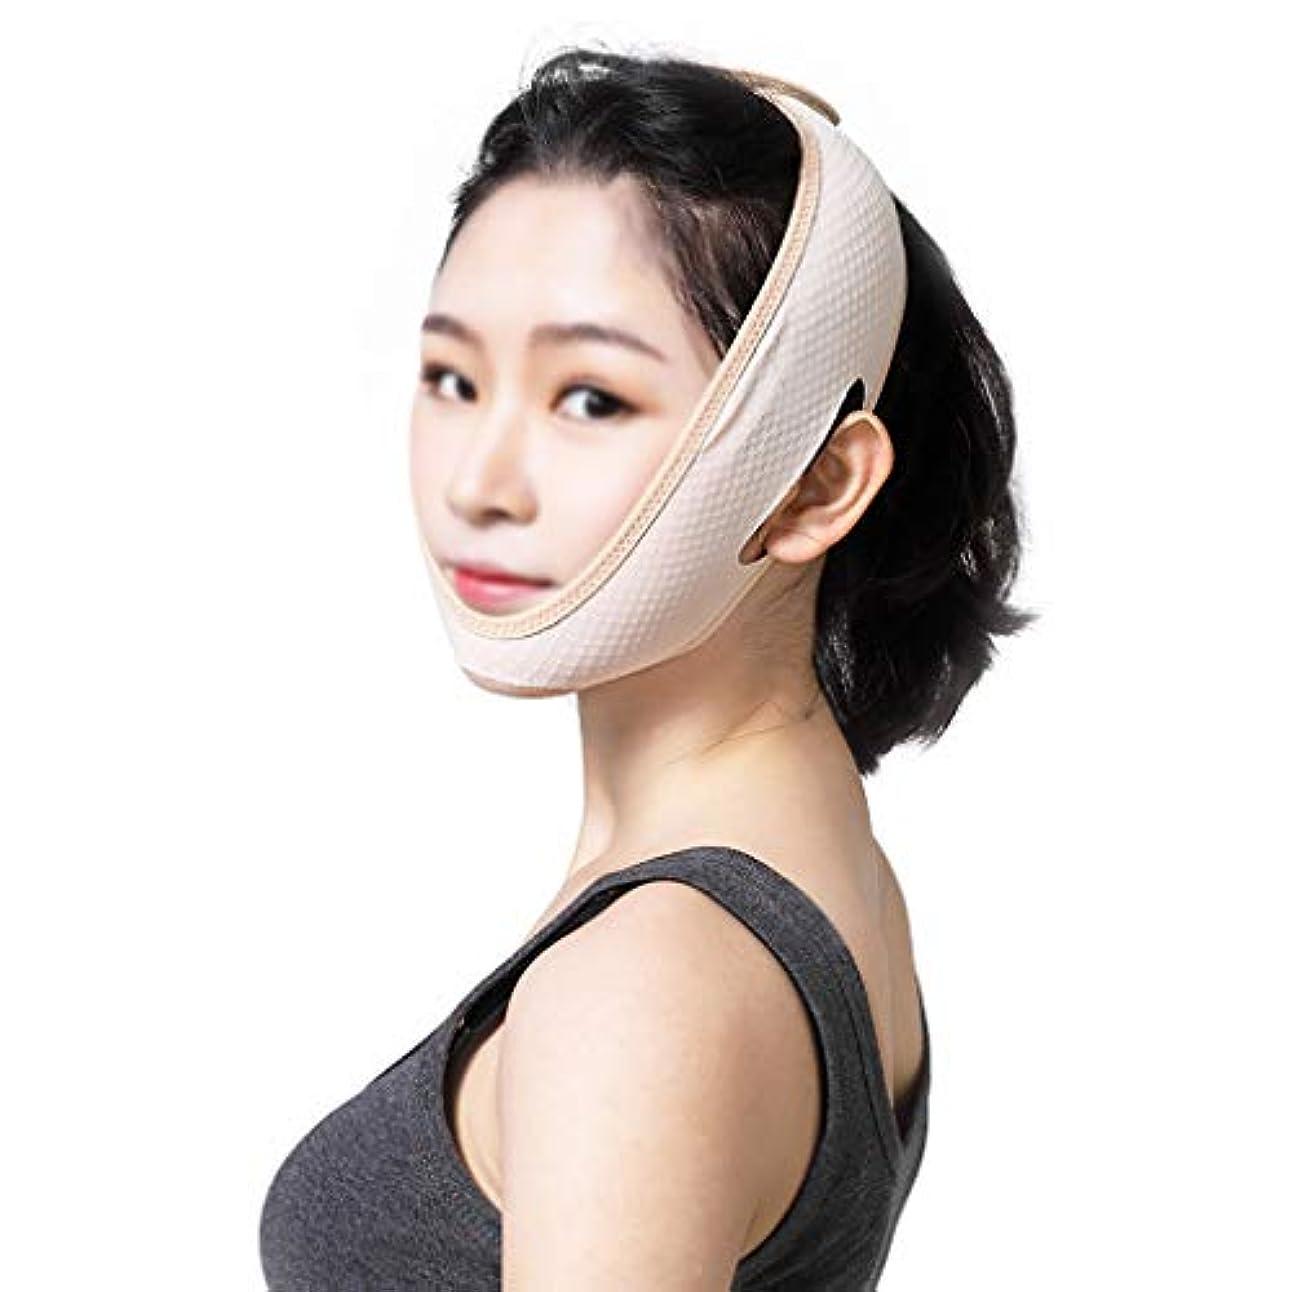 義務づけるやりがいのある発表する医療美容ライン彫刻術後回復マスクvフェイスリフティングタイトなヘッドギアあごあご包帯薄い顔楽器アーティファクト